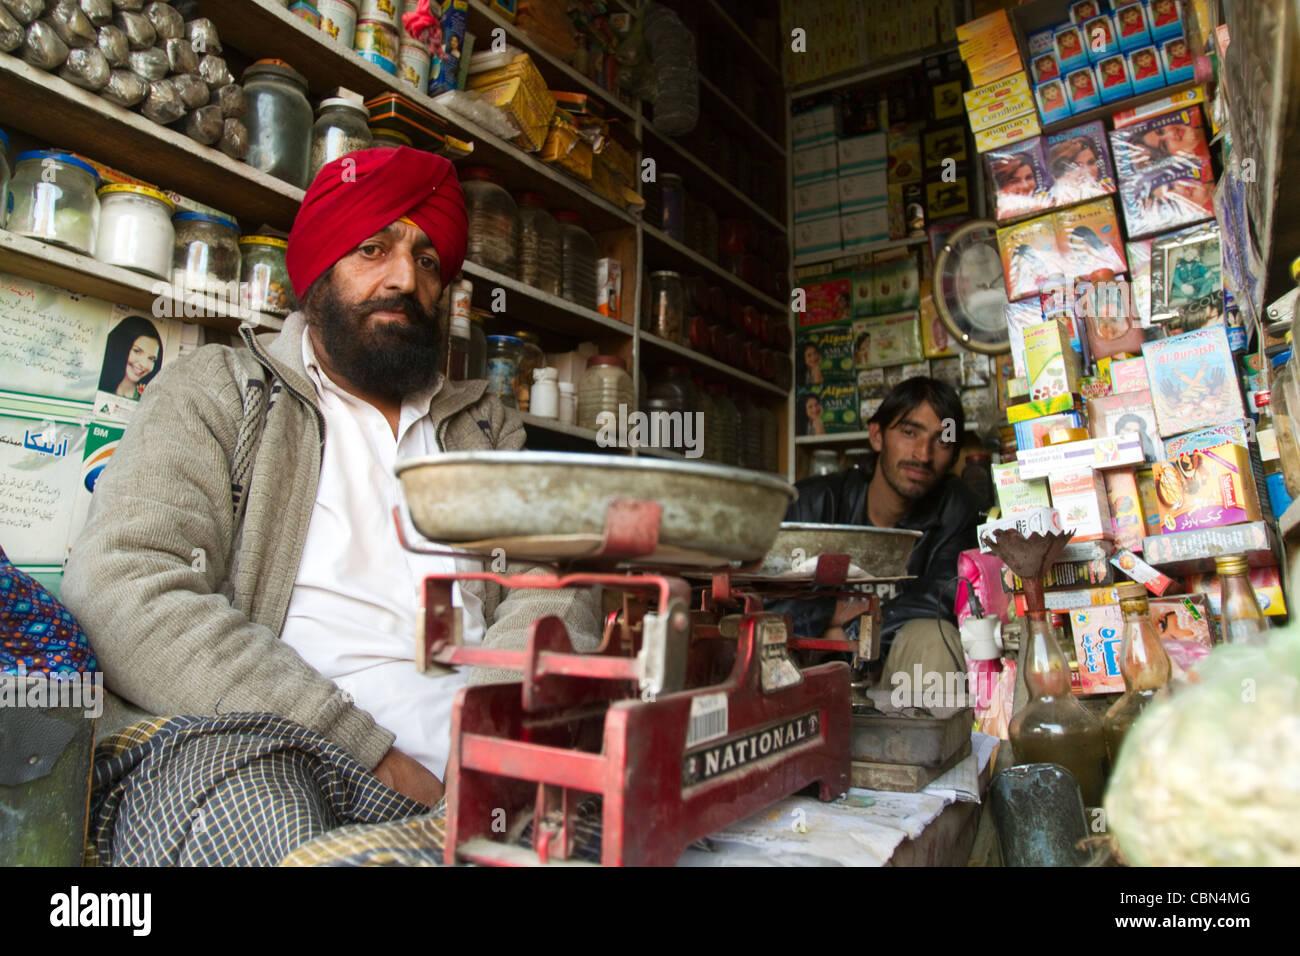 Piccolo negozio con persone di religione Sikh in Afghanistan Kabul Immagini Stock